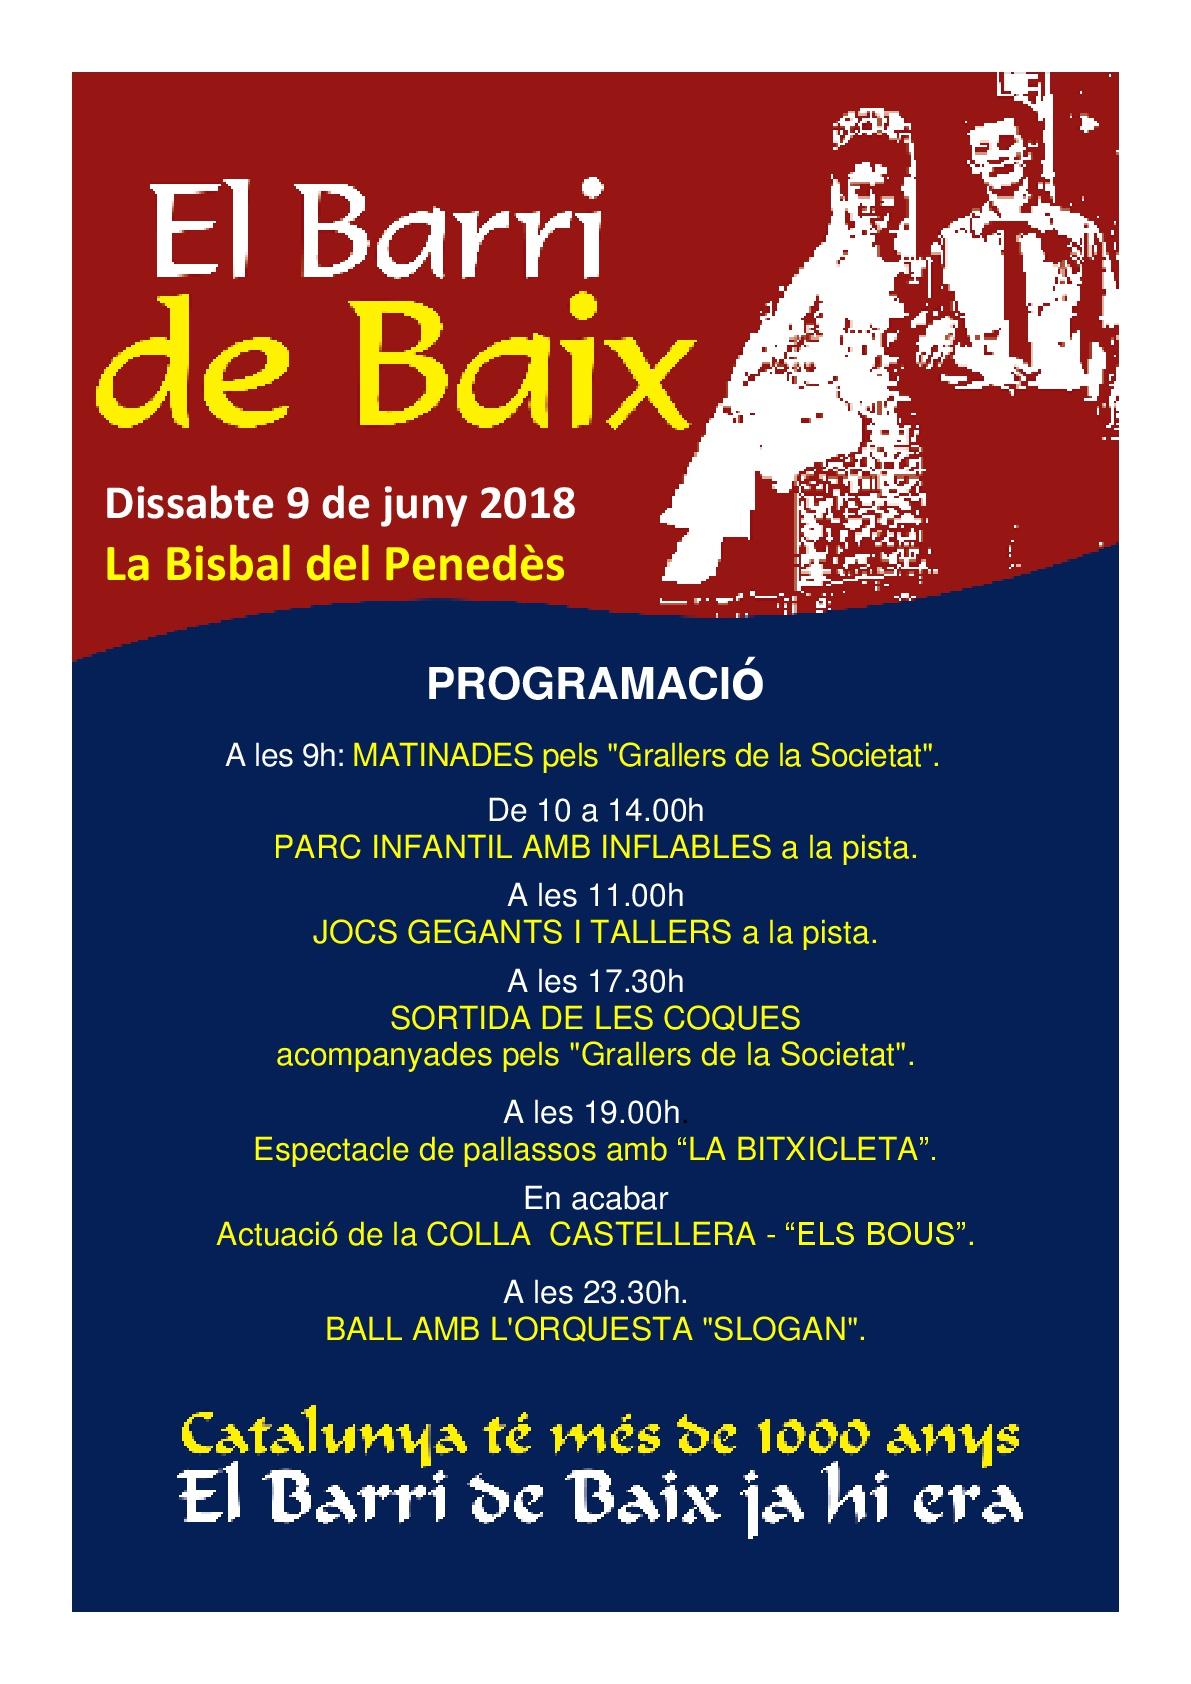 El Barri de Baix celebra la seva festa el proper dissabte 9 de juny